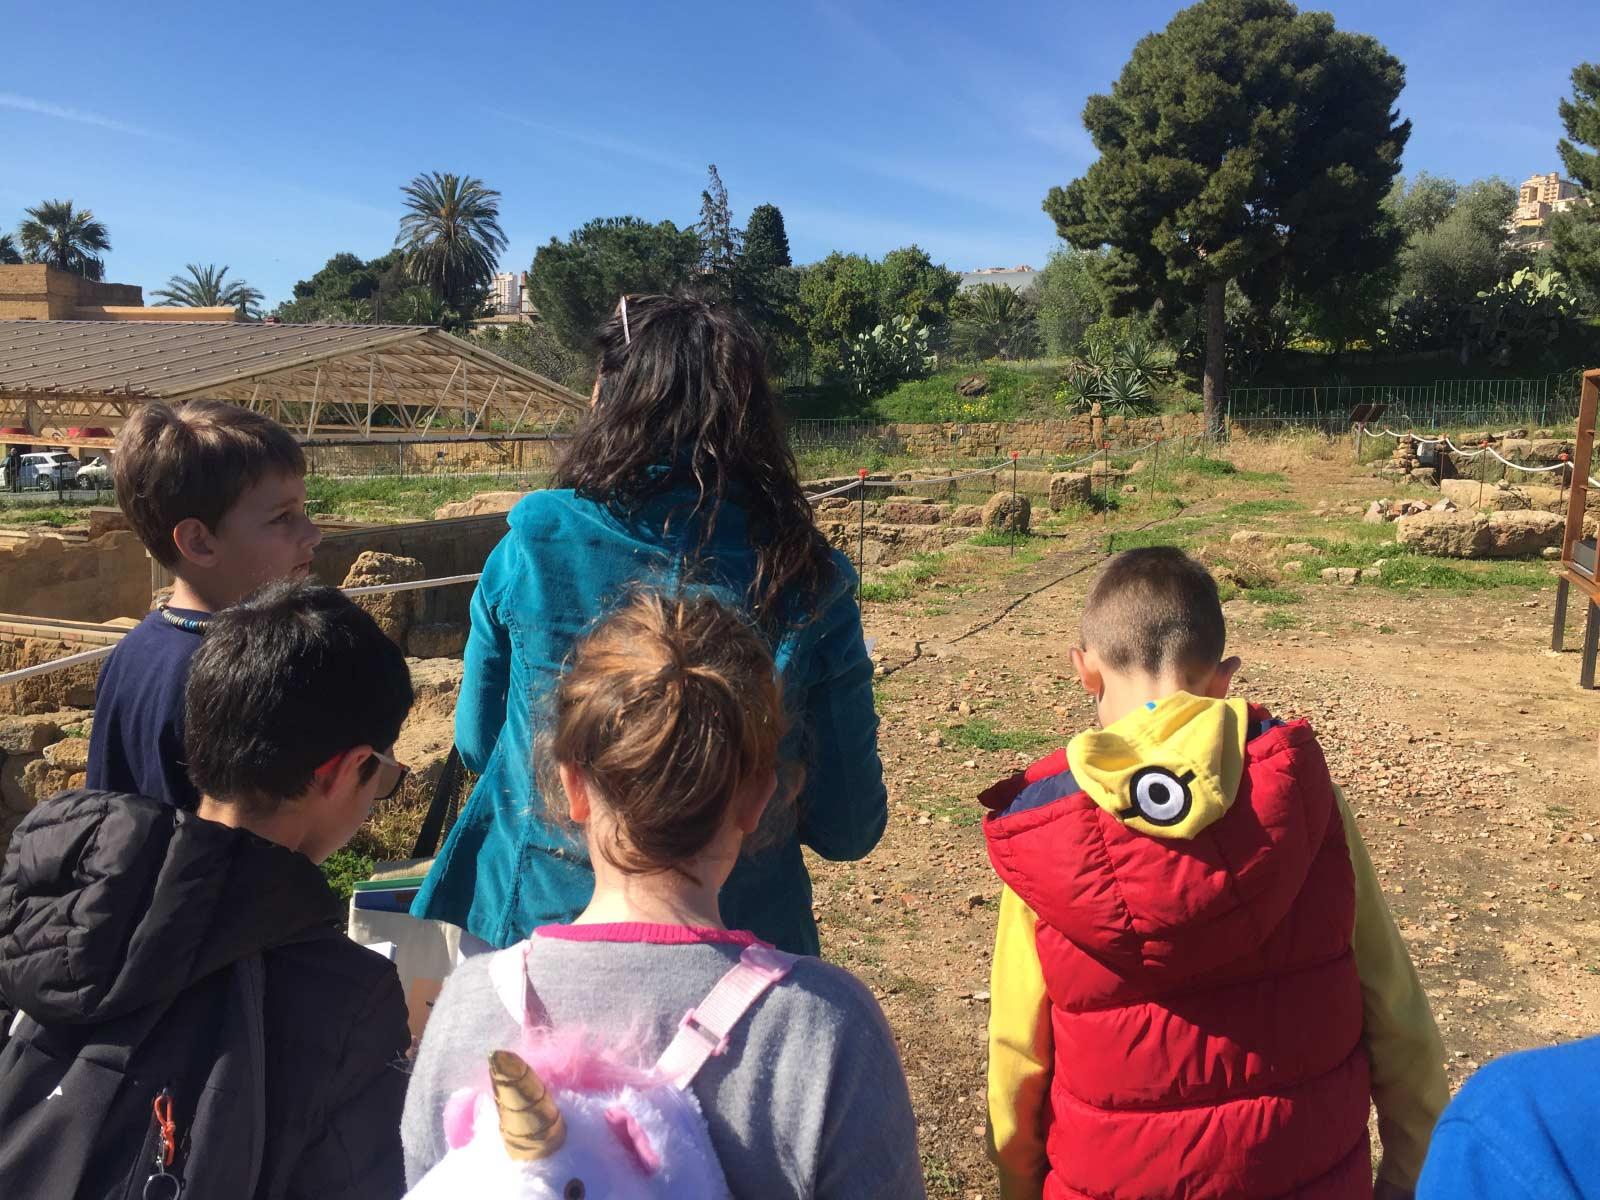 La guida Laura Danile cammina lungo una delle strade del quartiere ellenistico romano con un gruppo di bambini durante un family tour